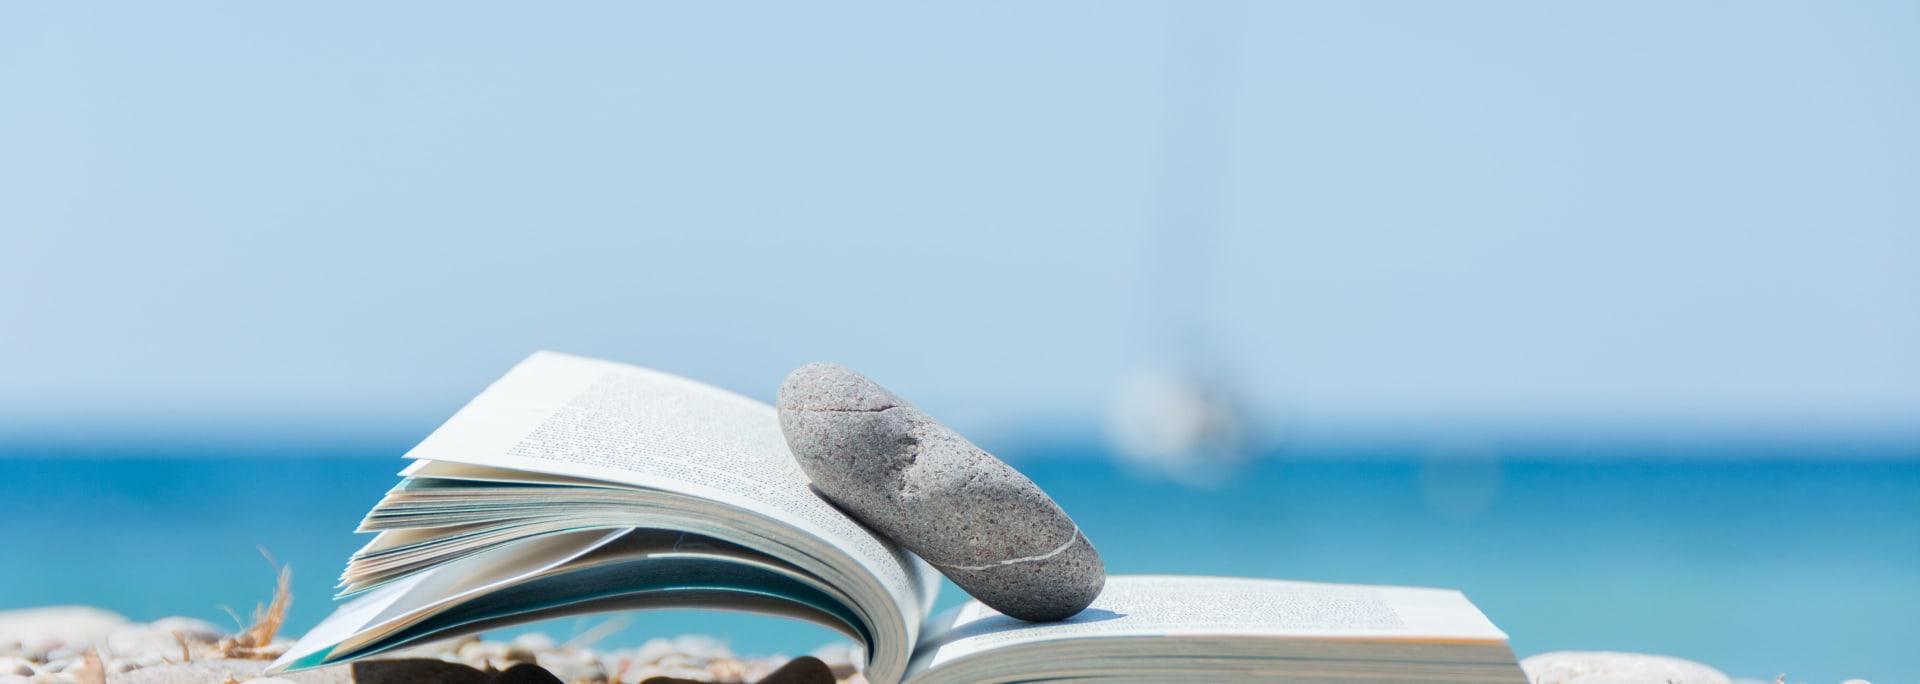 ¿Hemos dejado de leer libros? Cinco consejos para recuperar el hábito de la lectura este verano